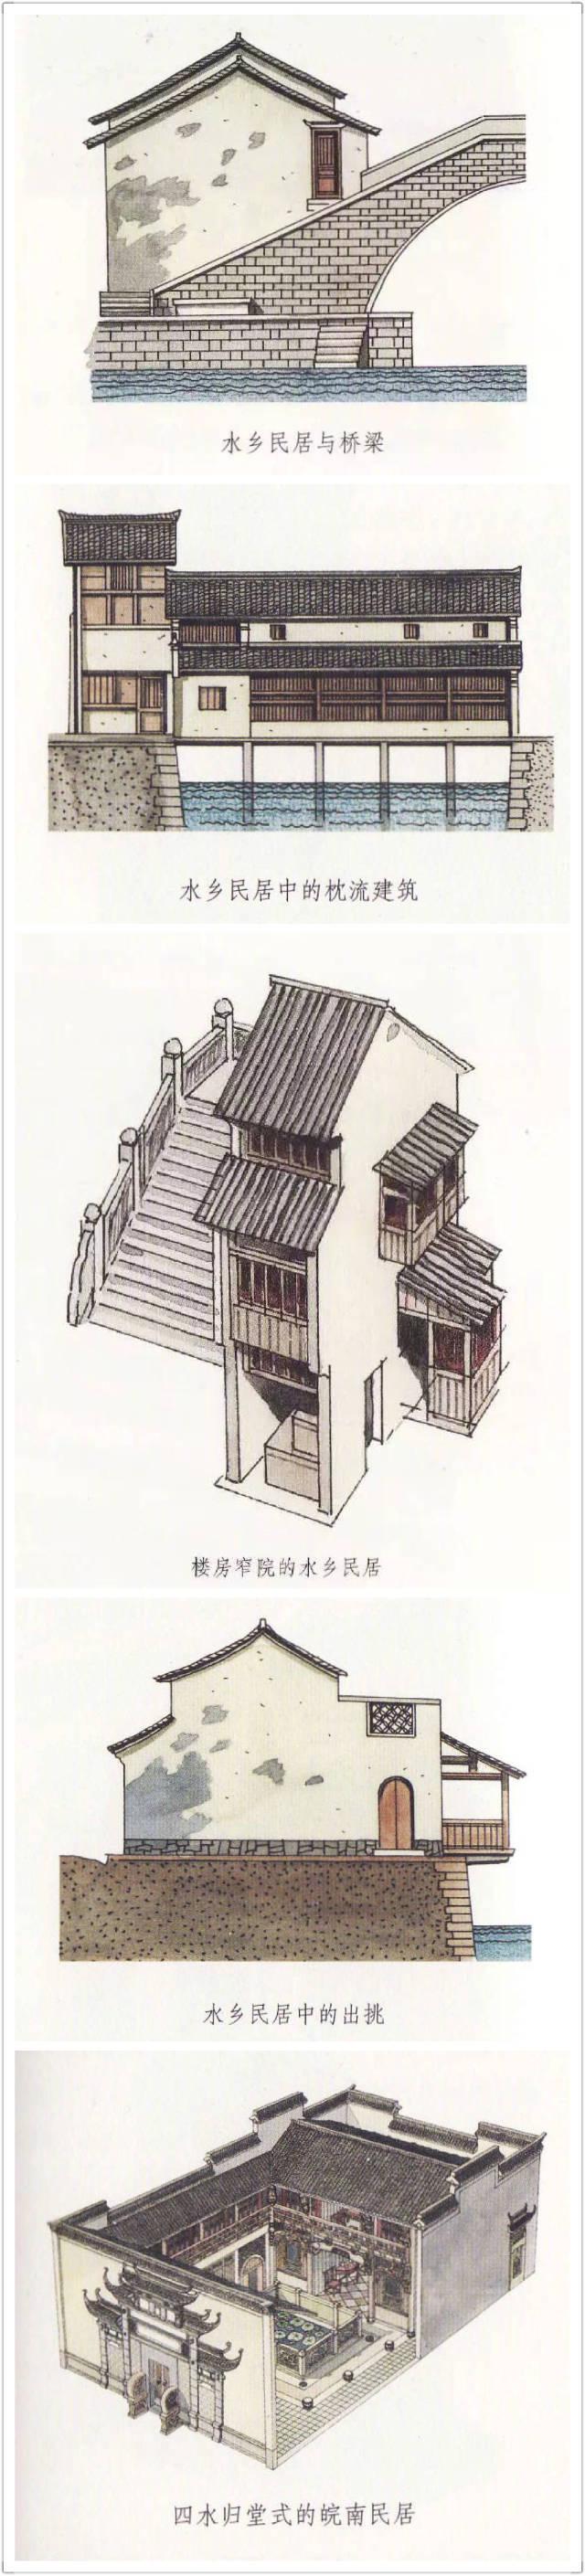 中国民居手绘图